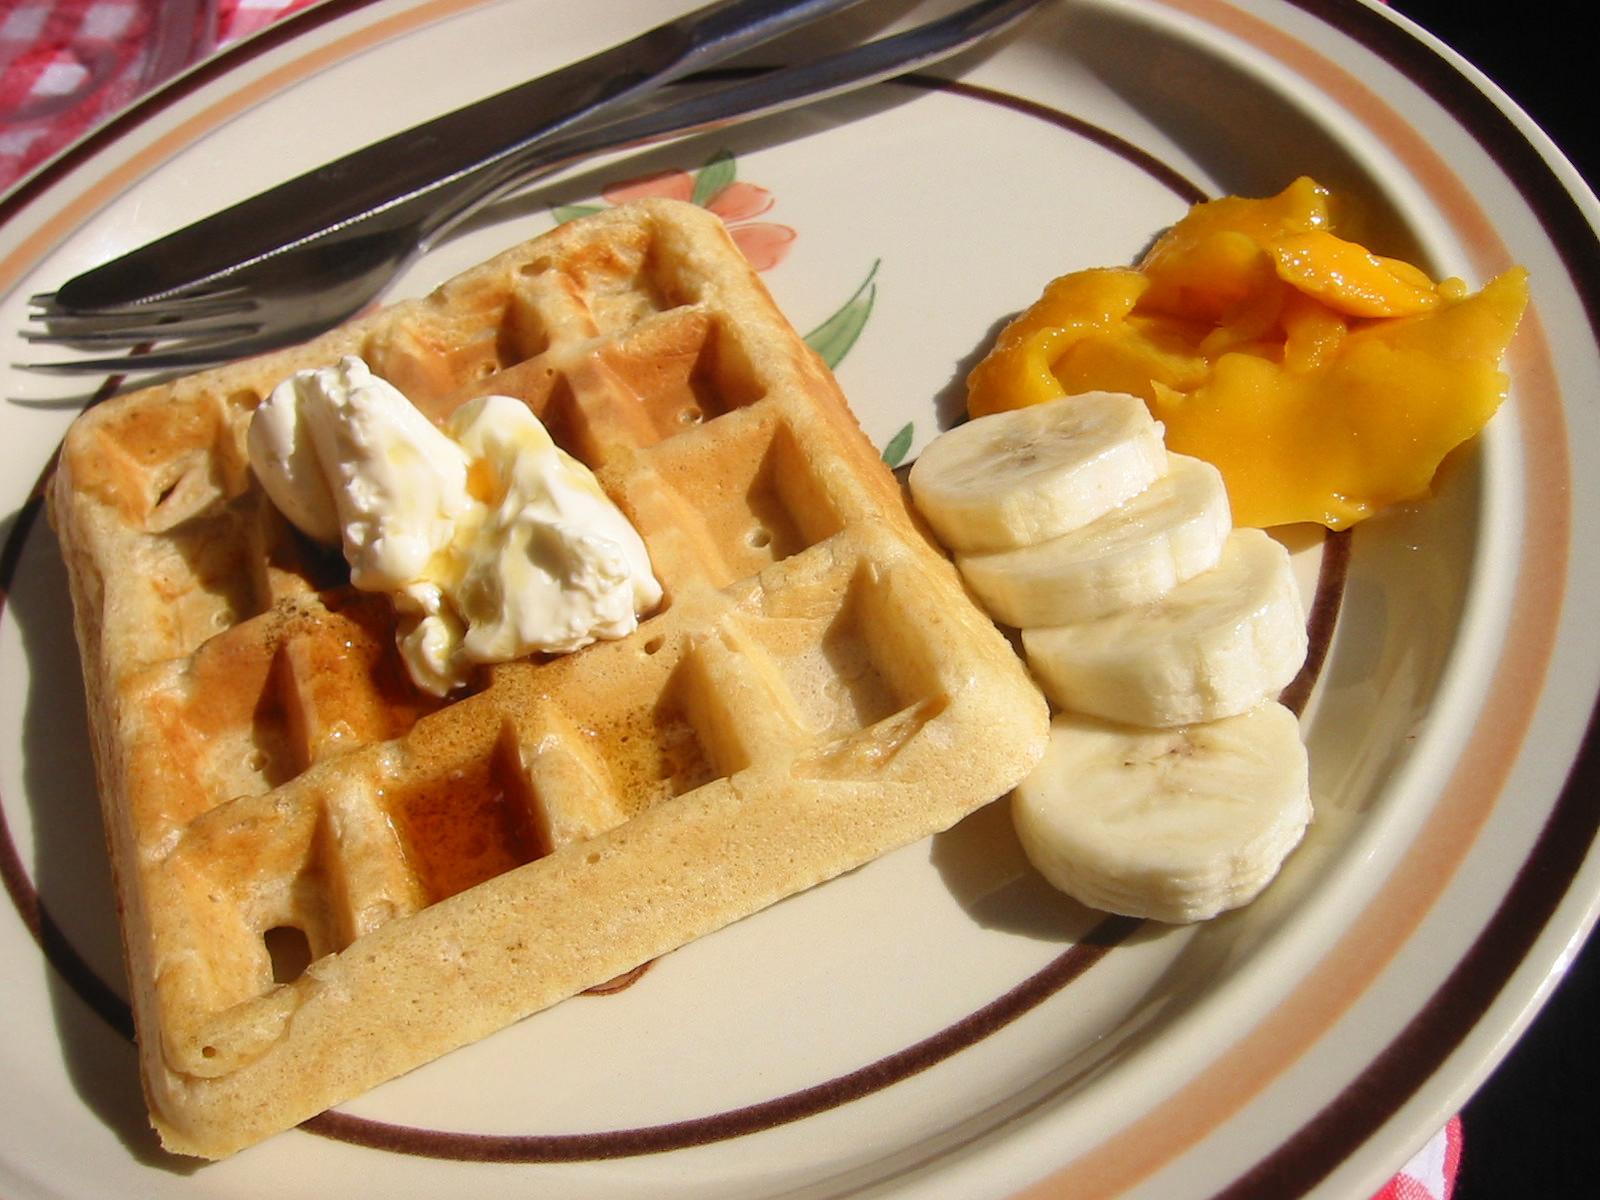 J-S's waffle